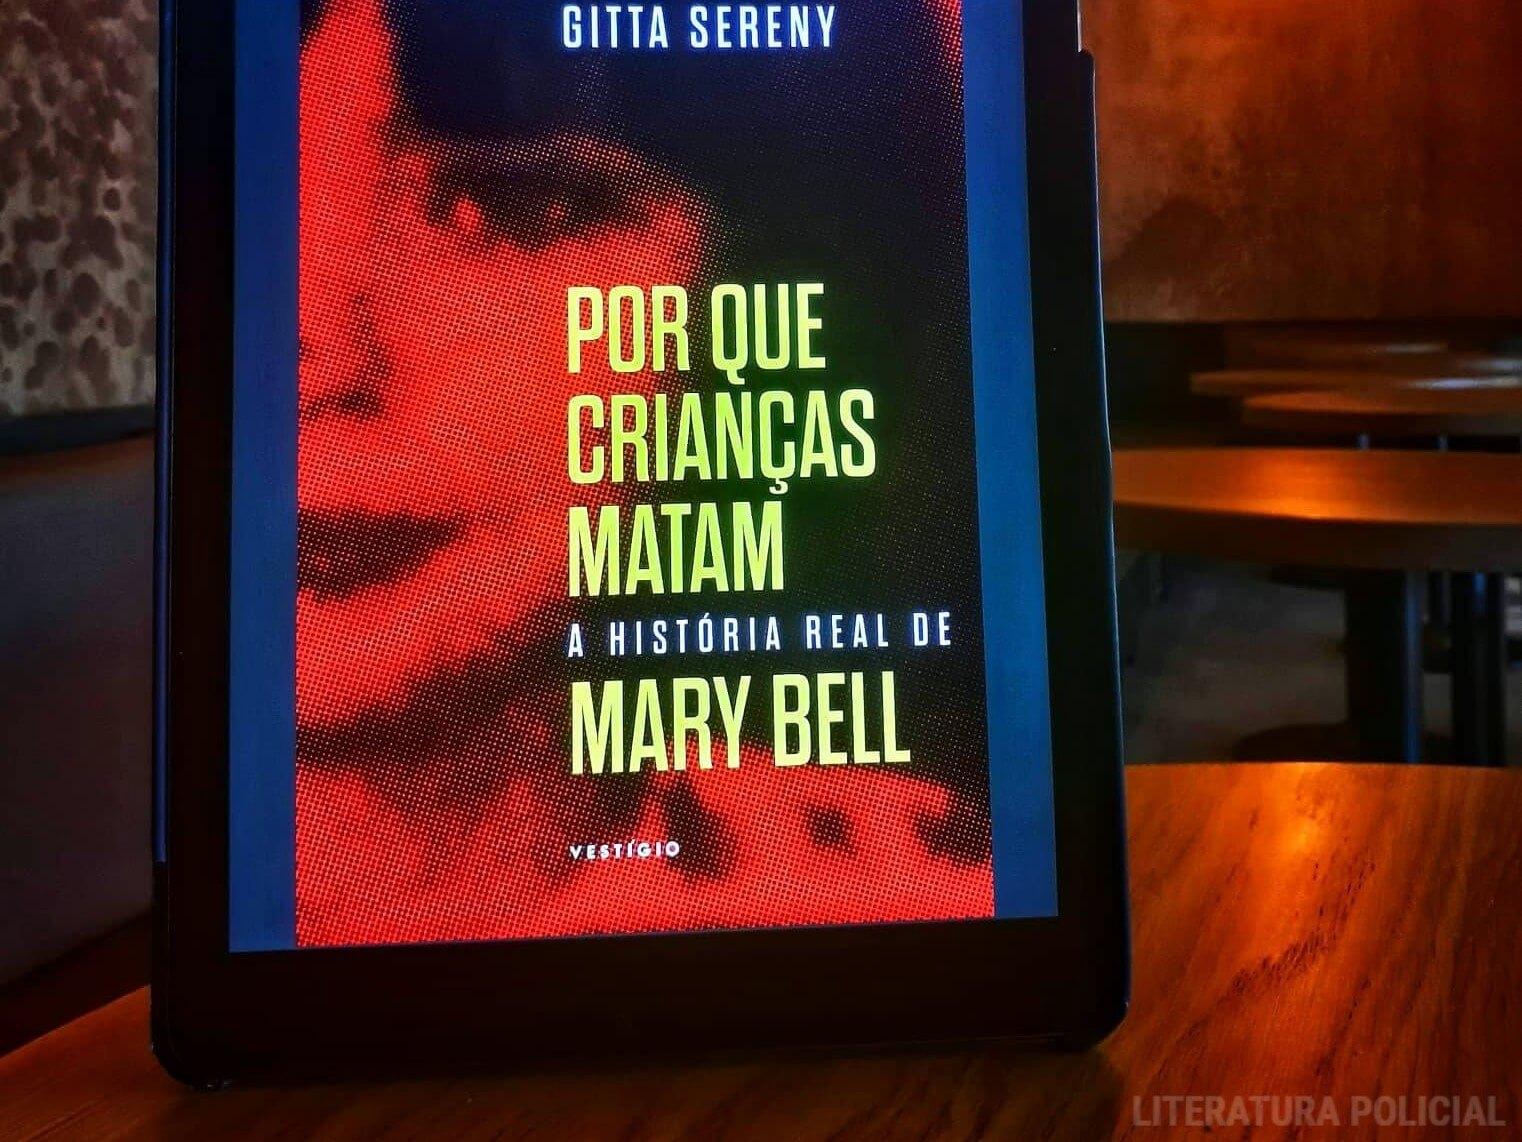 POR QUE CRIANÇAS MATAM | A história de Mary Bell